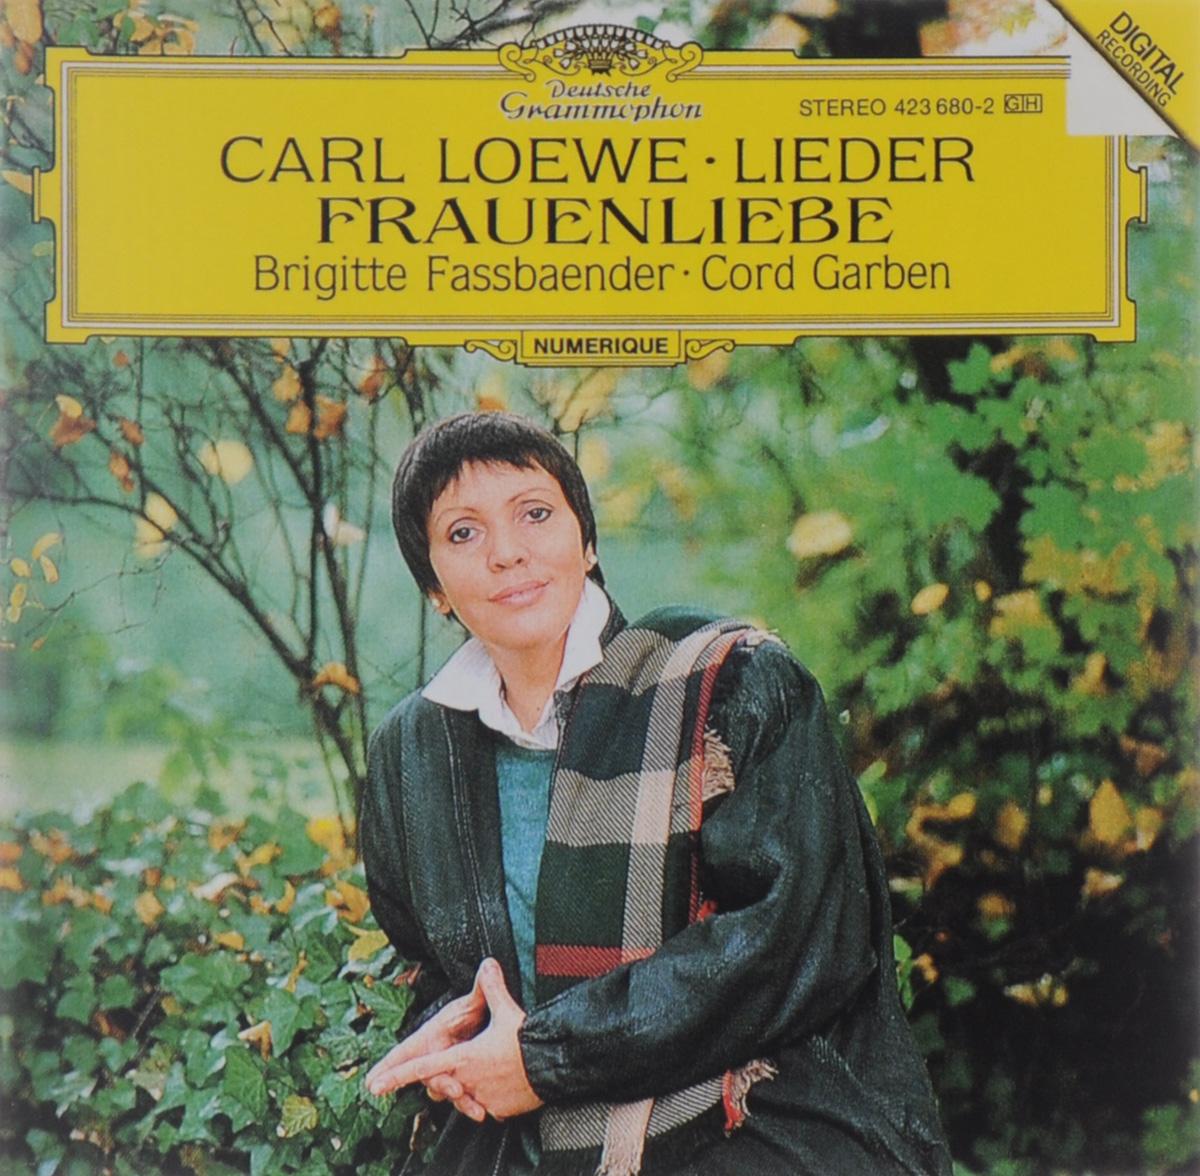 Brigitte Fassbaender. Cord Garben. Carl Loewe. Lieder / Frauenliebe